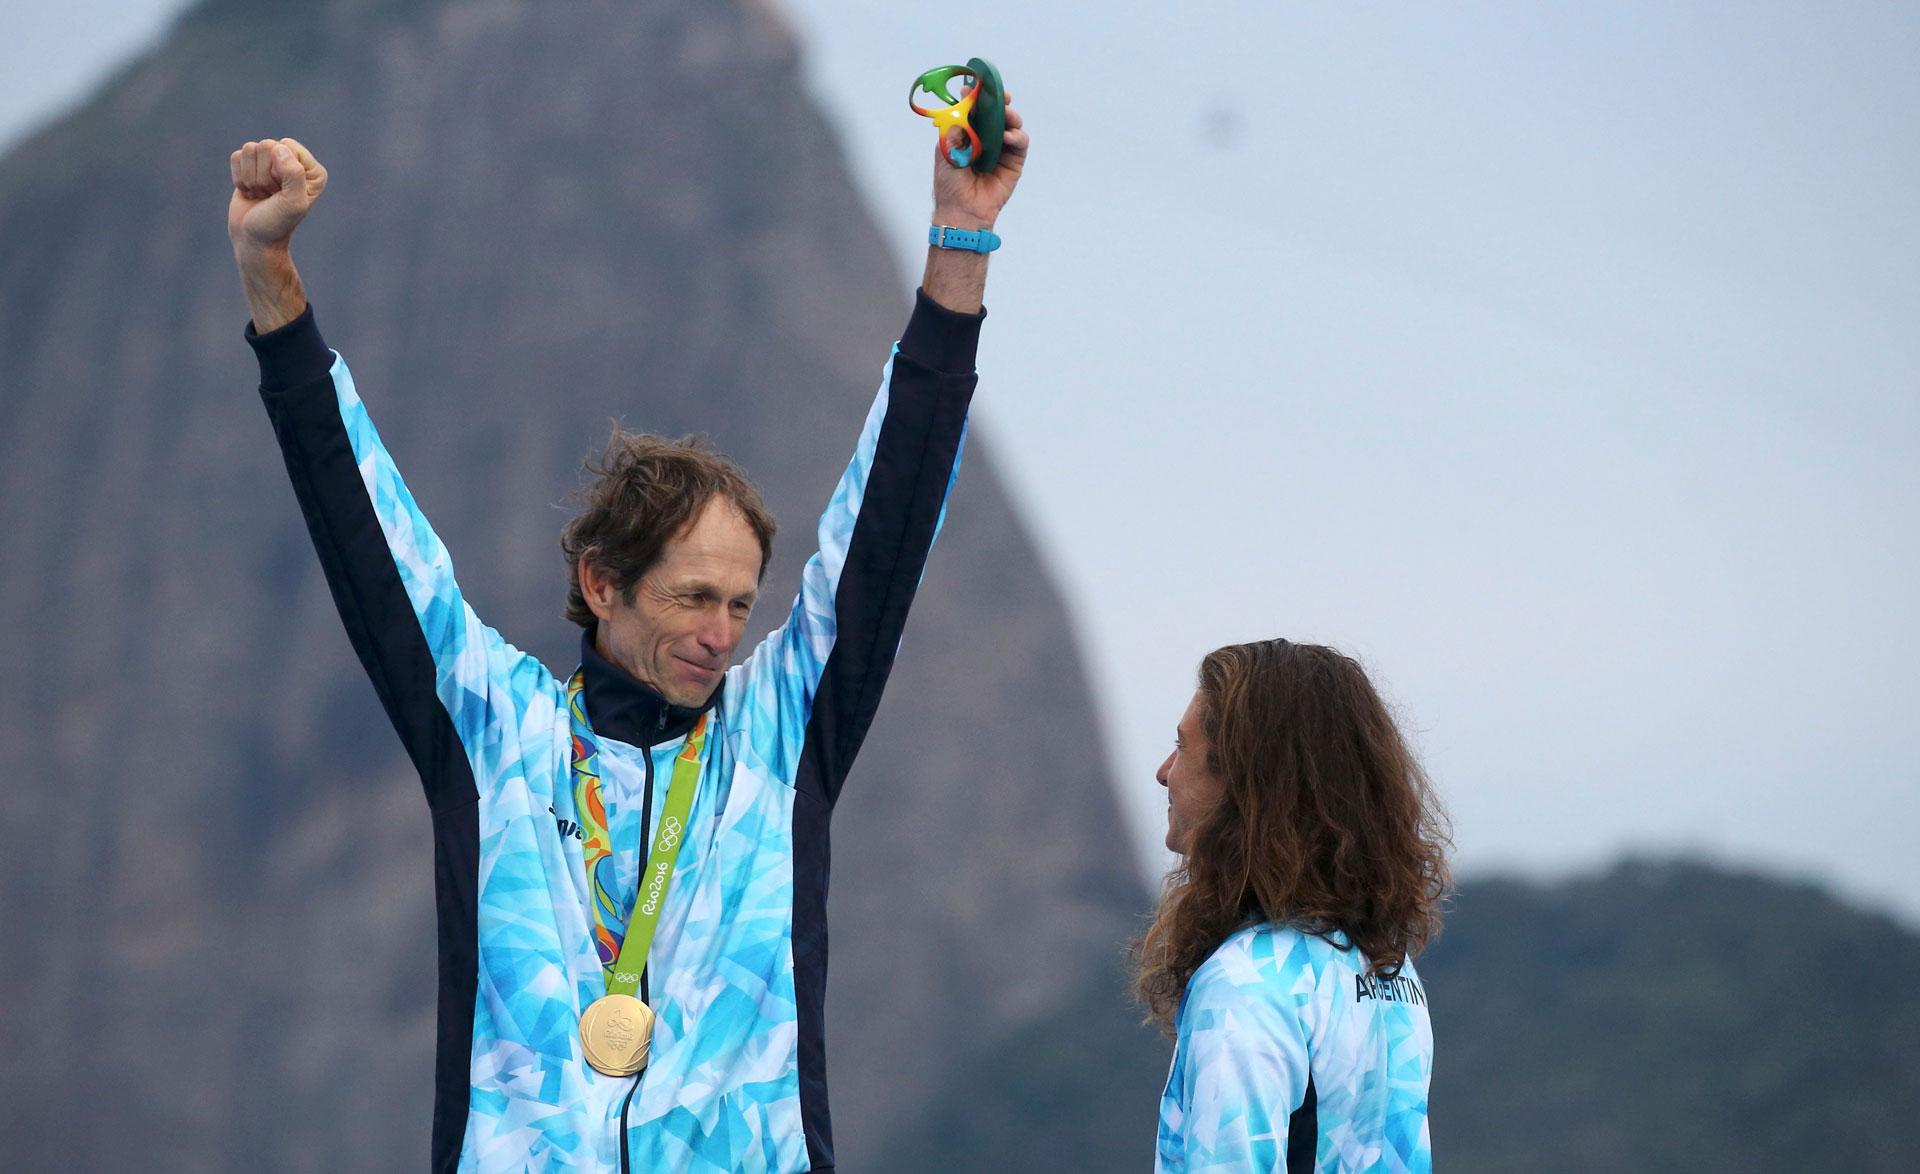 Santiago Lange, de 54 años y tras recuperarse de un cáncer de pulmón, ganó el oro junto a Cecilia Carranza en la categoría nacra 17 de vela para Argentina (Reuters)